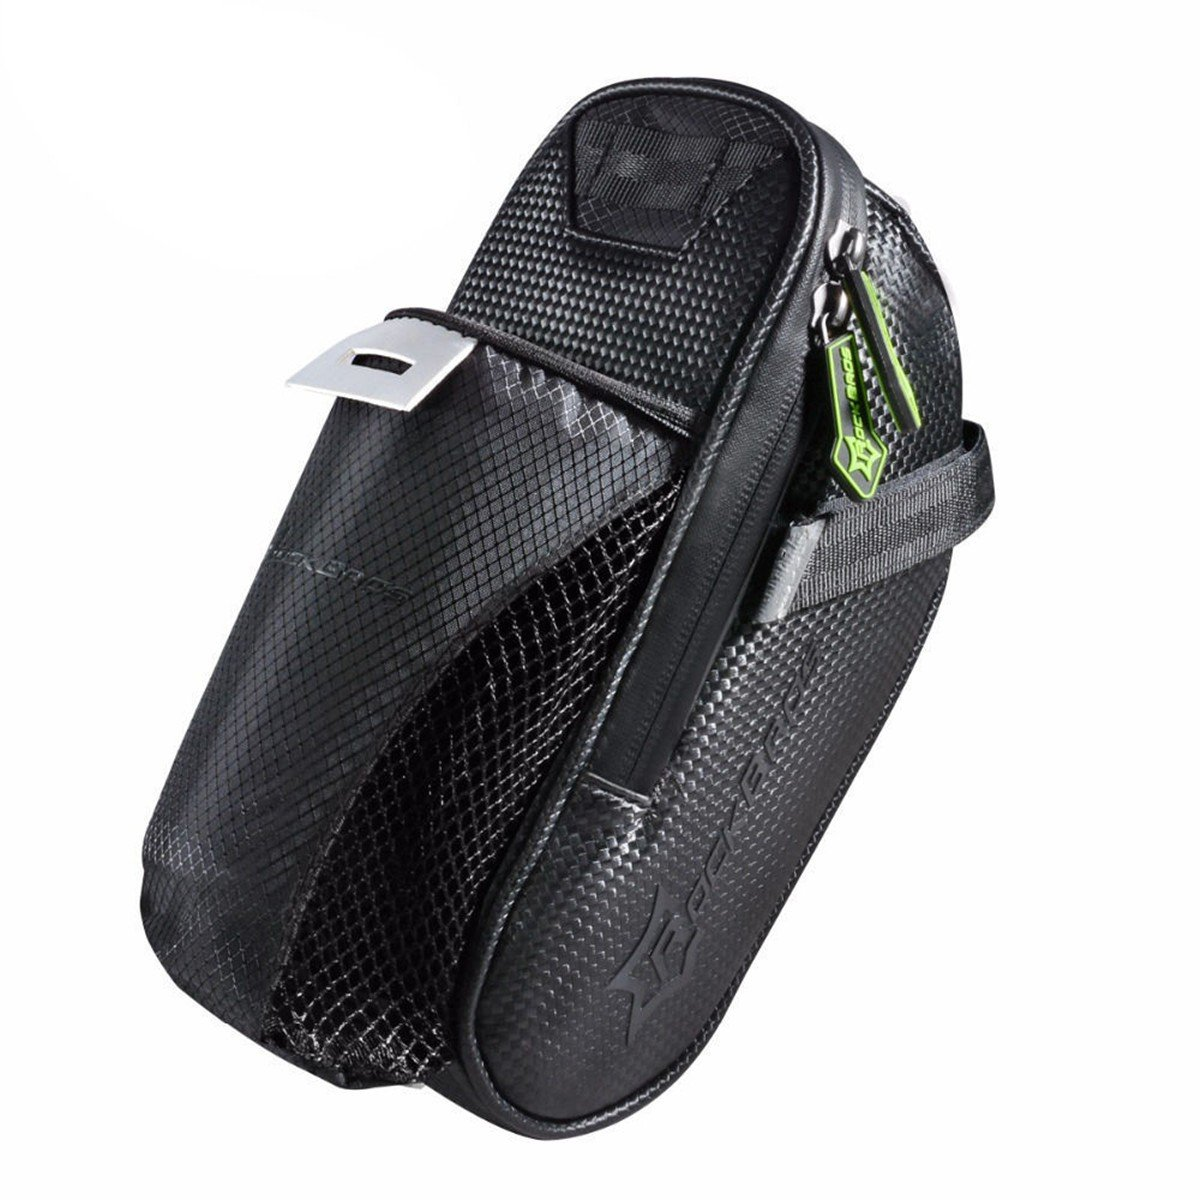 QOJA rockbros cycling bicycle saddle bag pannier bike bag tail